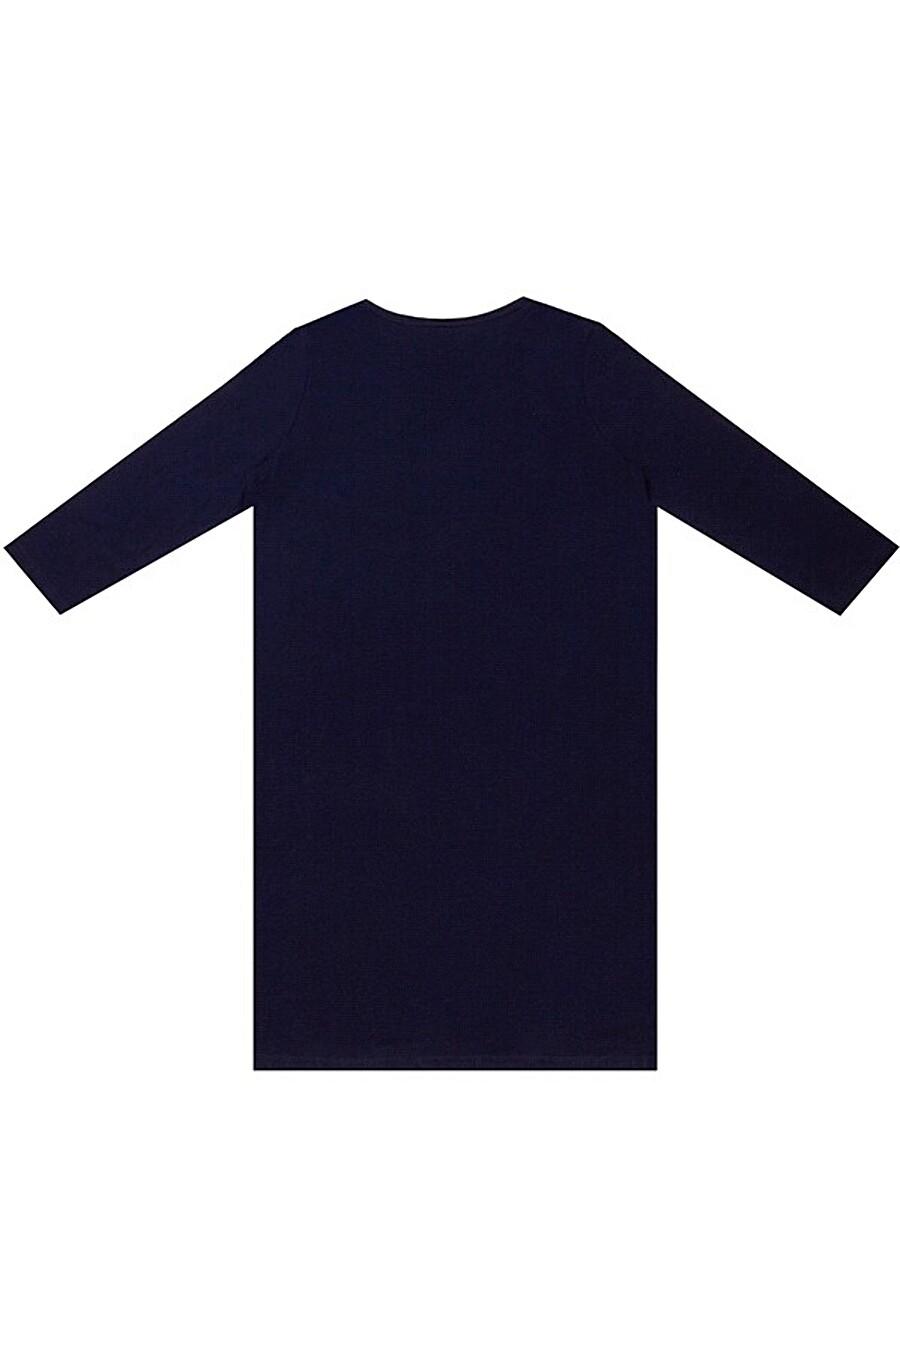 Туника  для женщин АПРЕЛЬ 700655 купить оптом от производителя. Совместная покупка женской одежды в OptMoyo